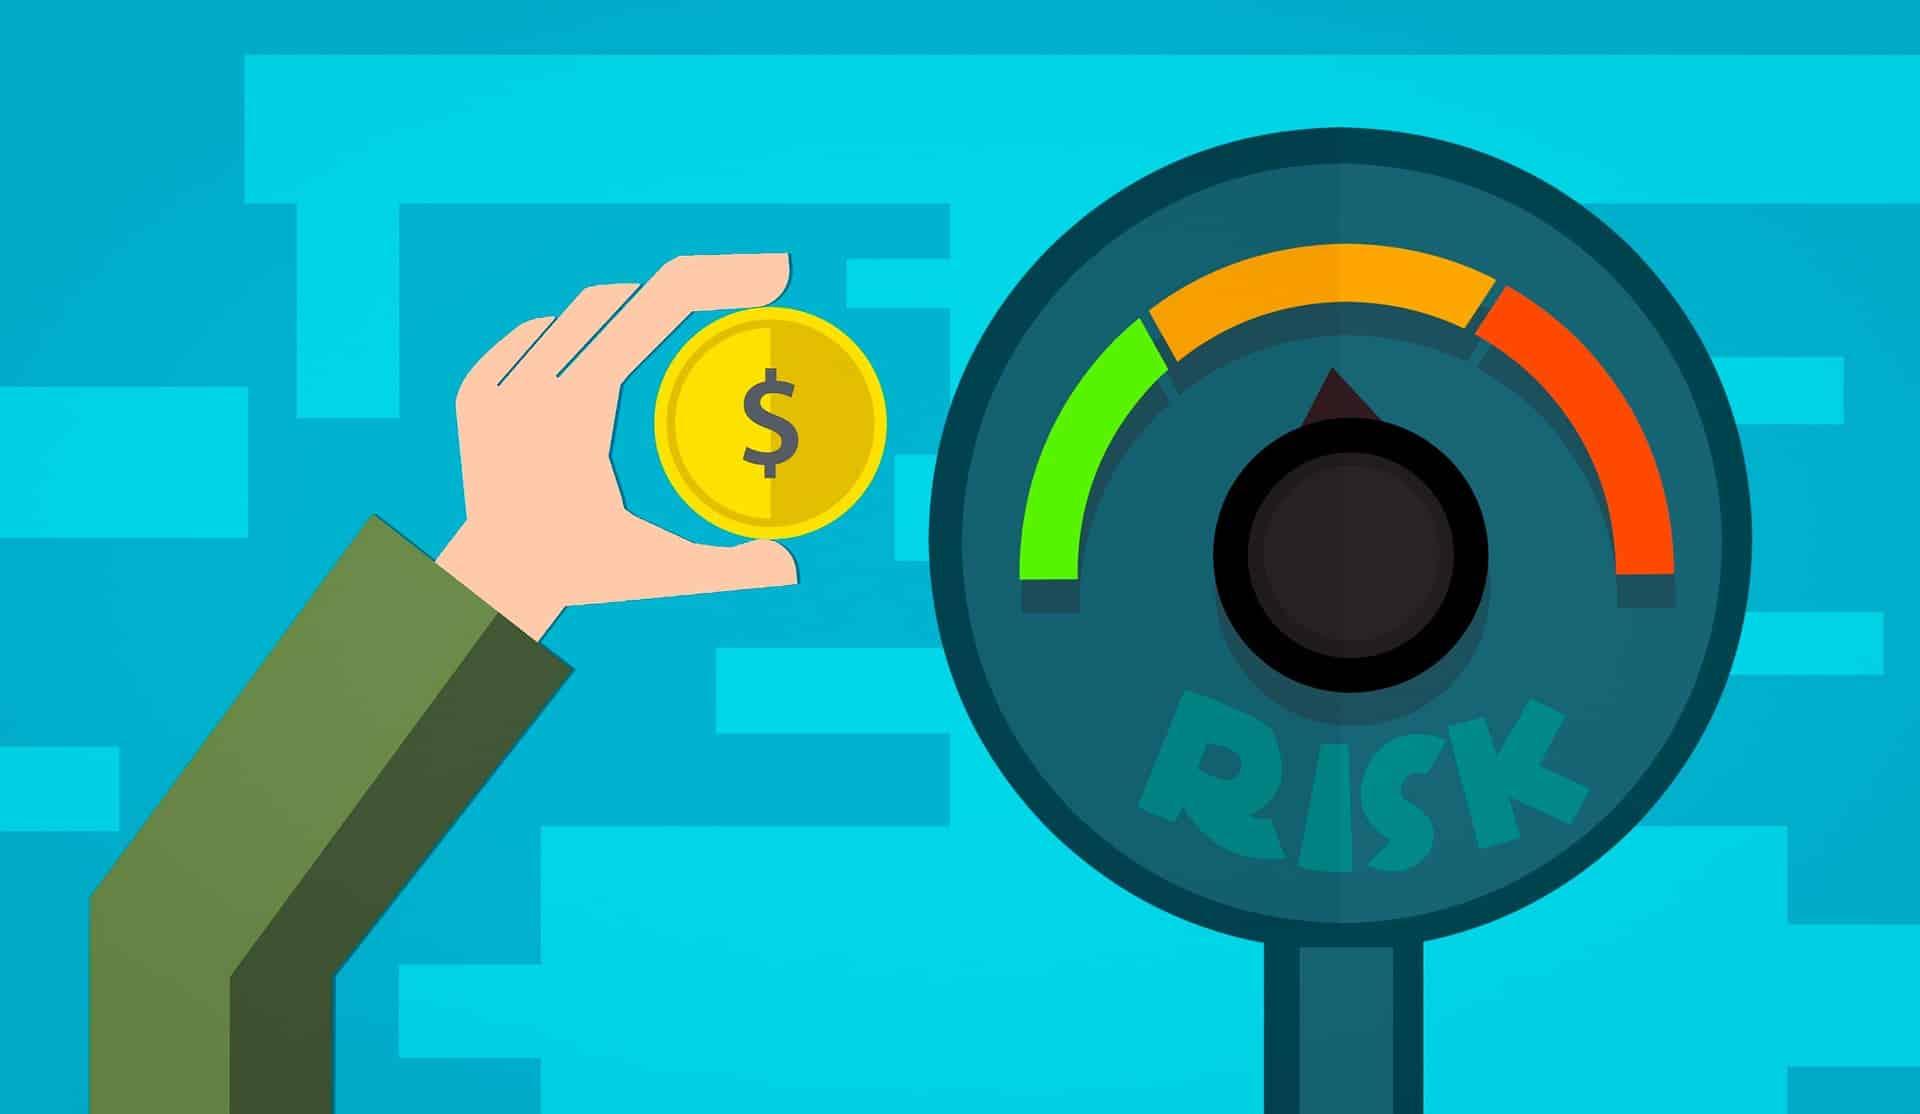 Placa indicando o grau de risco nas cores verde, laranja e vermelho. Pessoa segurando uma moeda ao lado.